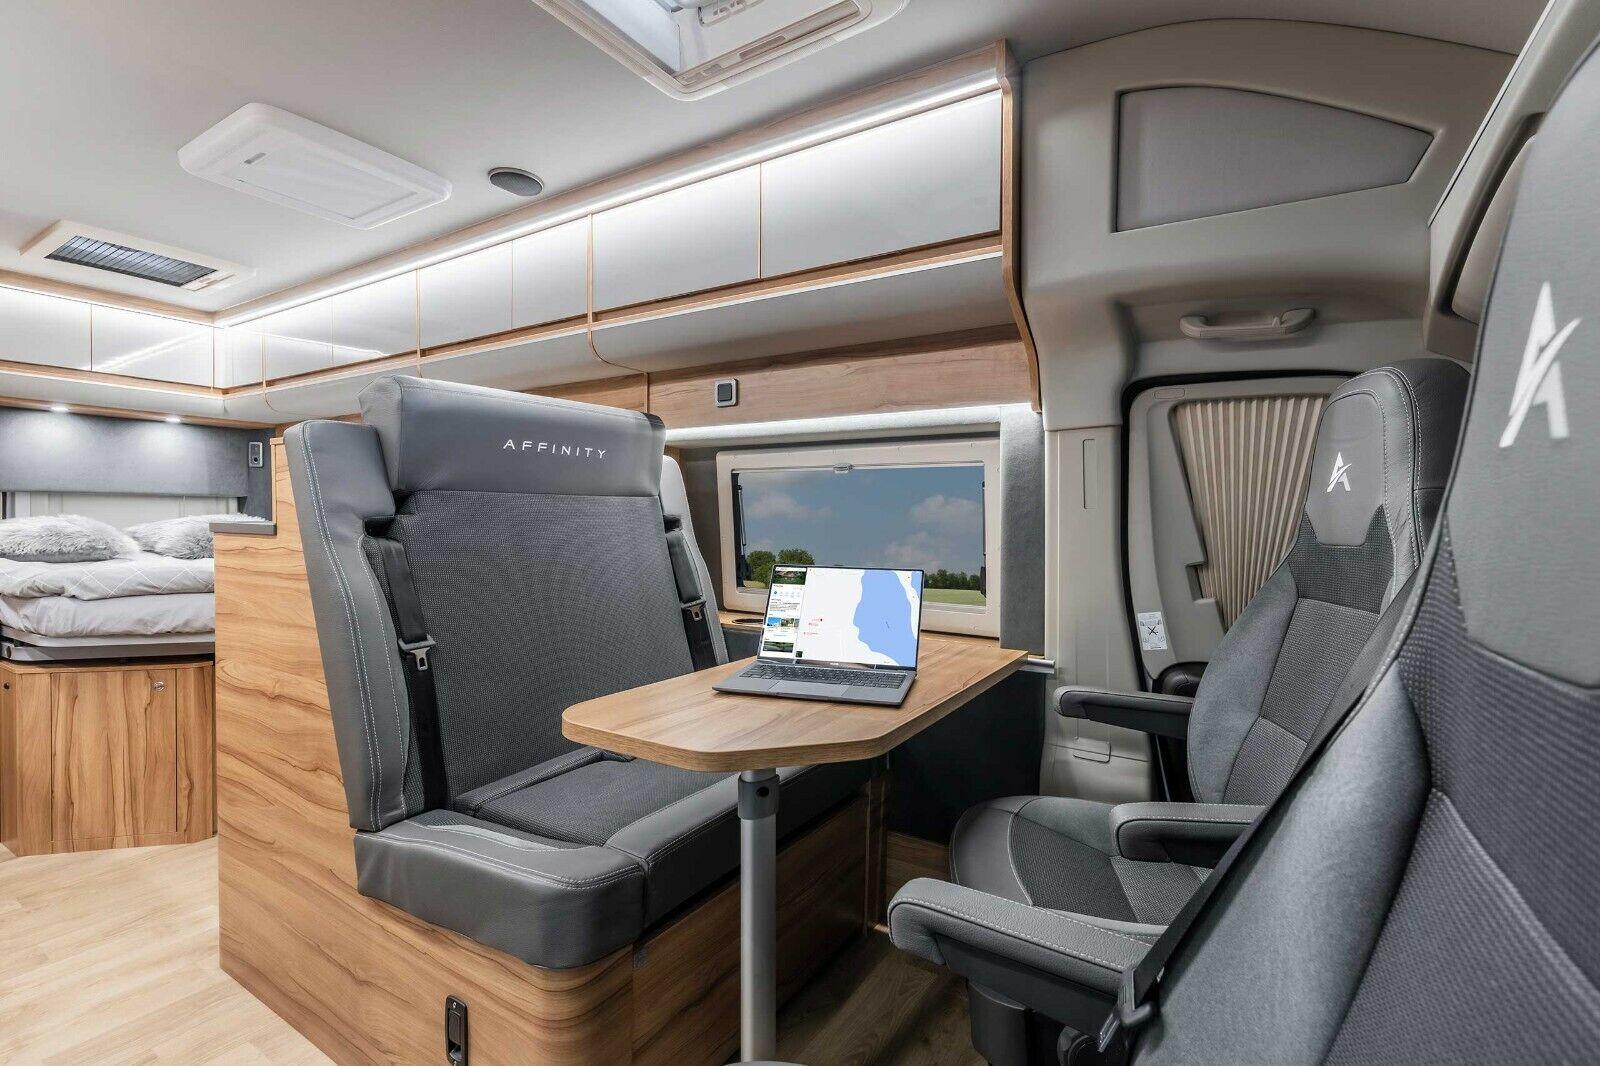 Affinity Camper der Luxus unter den Vans